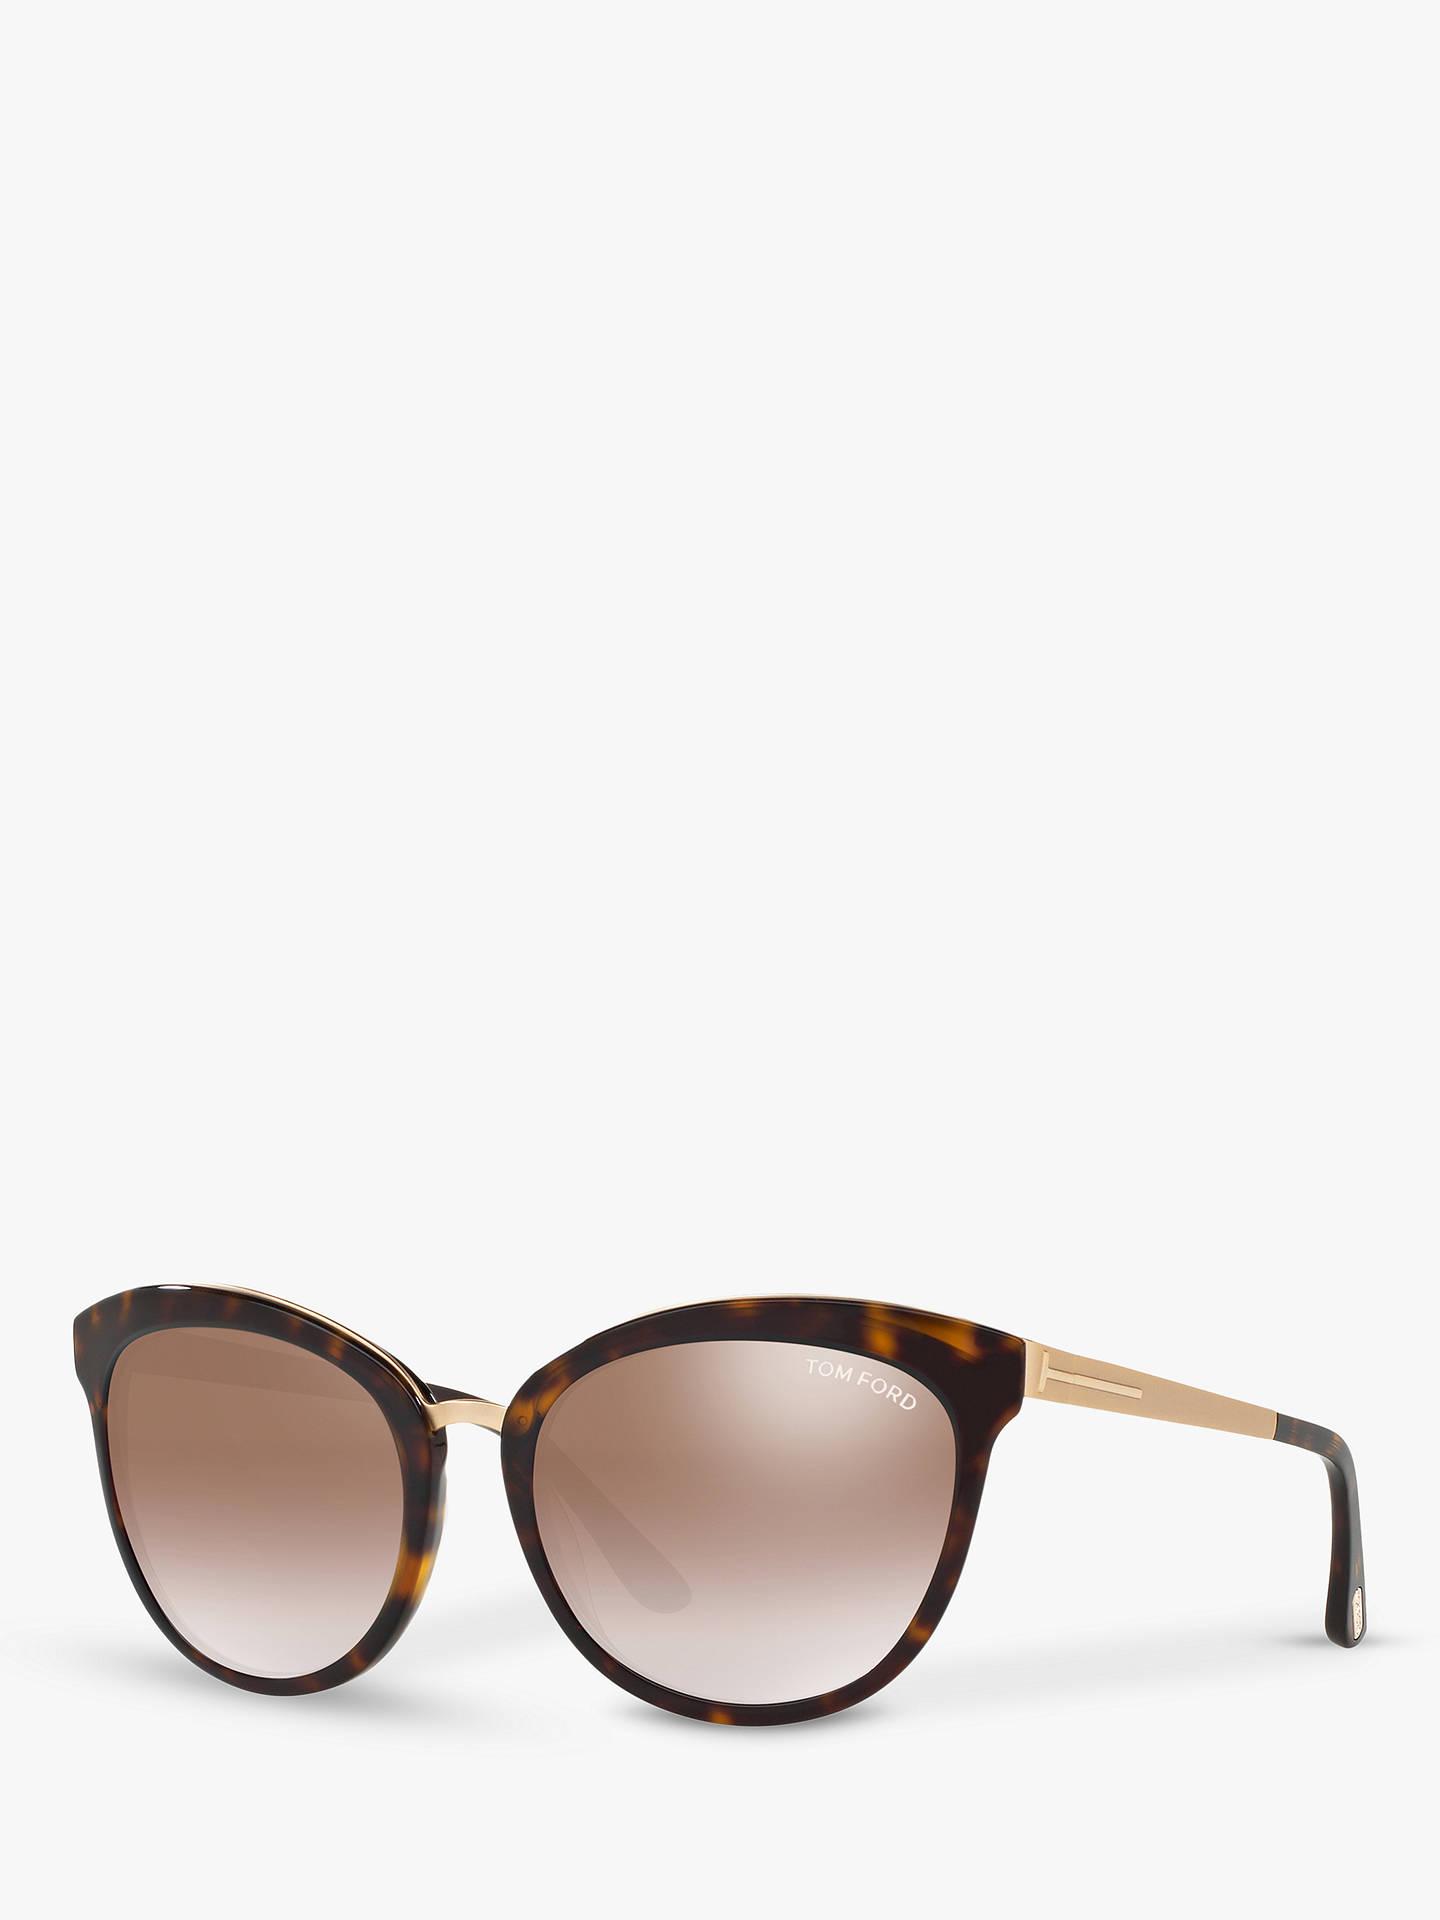 93602873fe Buy TOM FORD FT0461 Emma Cat s Eye Sunglasses